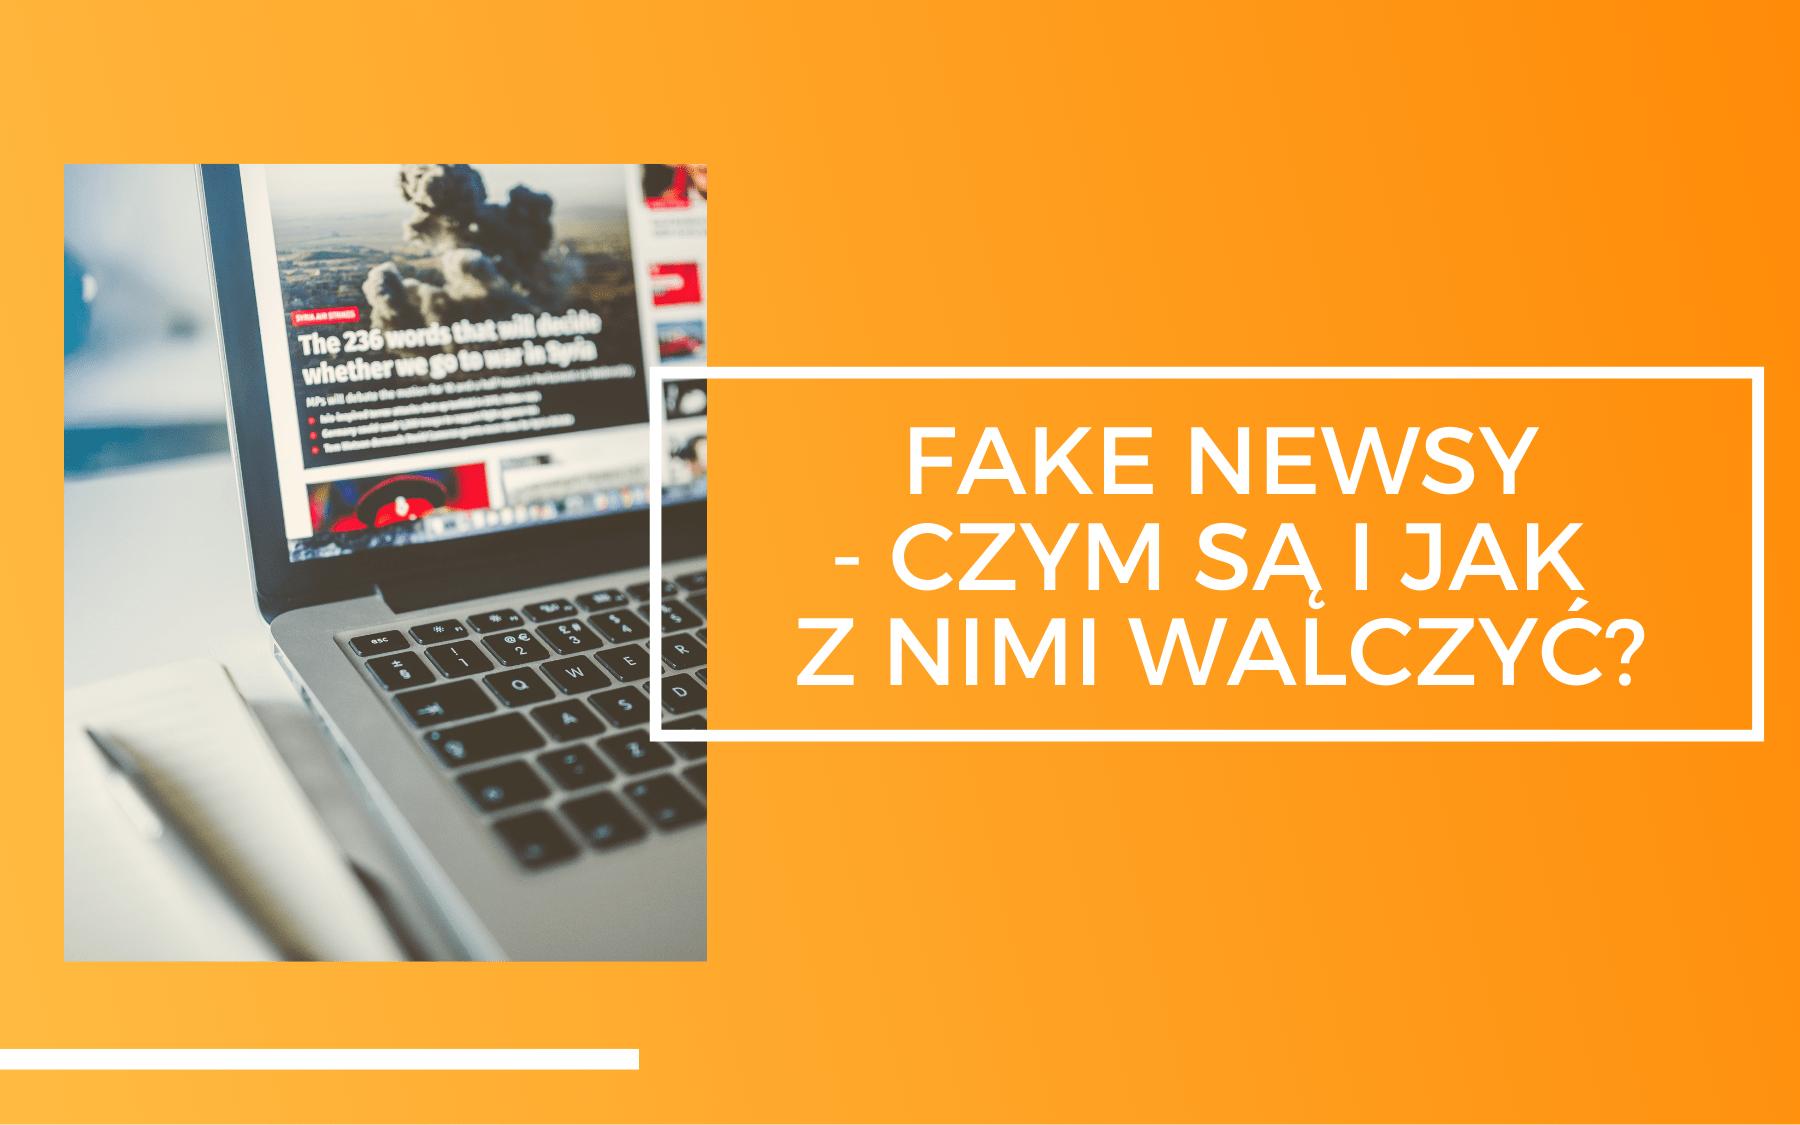 otwarty laptop ze strona informacyjna na ekranie. Obok napis Fake Newsy - czy m są i jak z nimi walczyć?